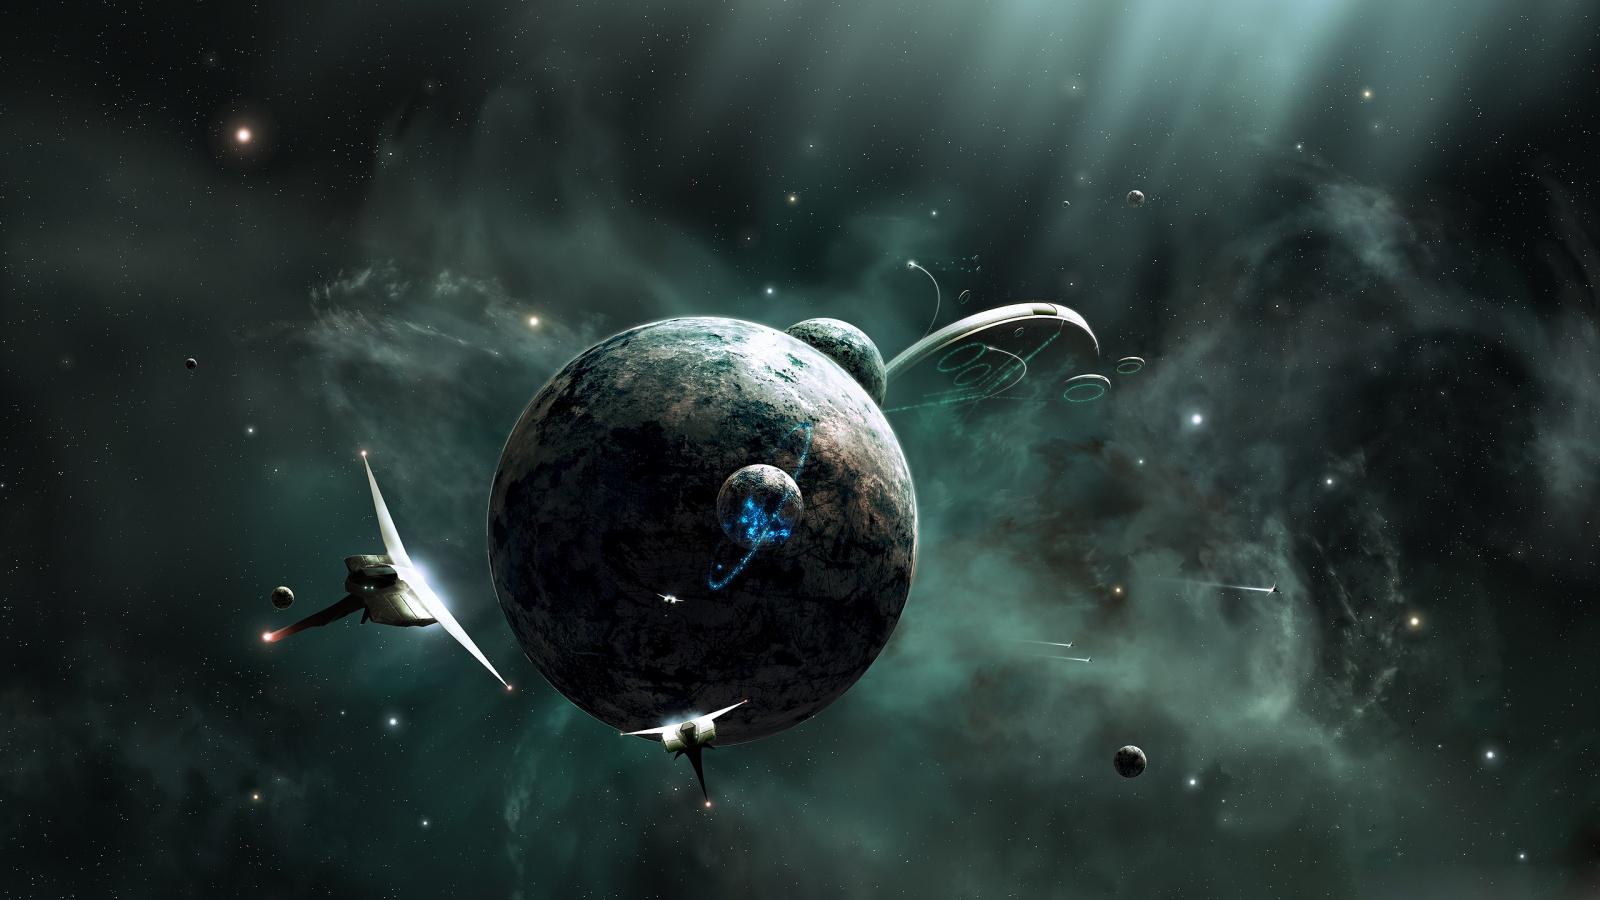 Space War Wallpaper #17127 Wallpaper | High Resolution ...